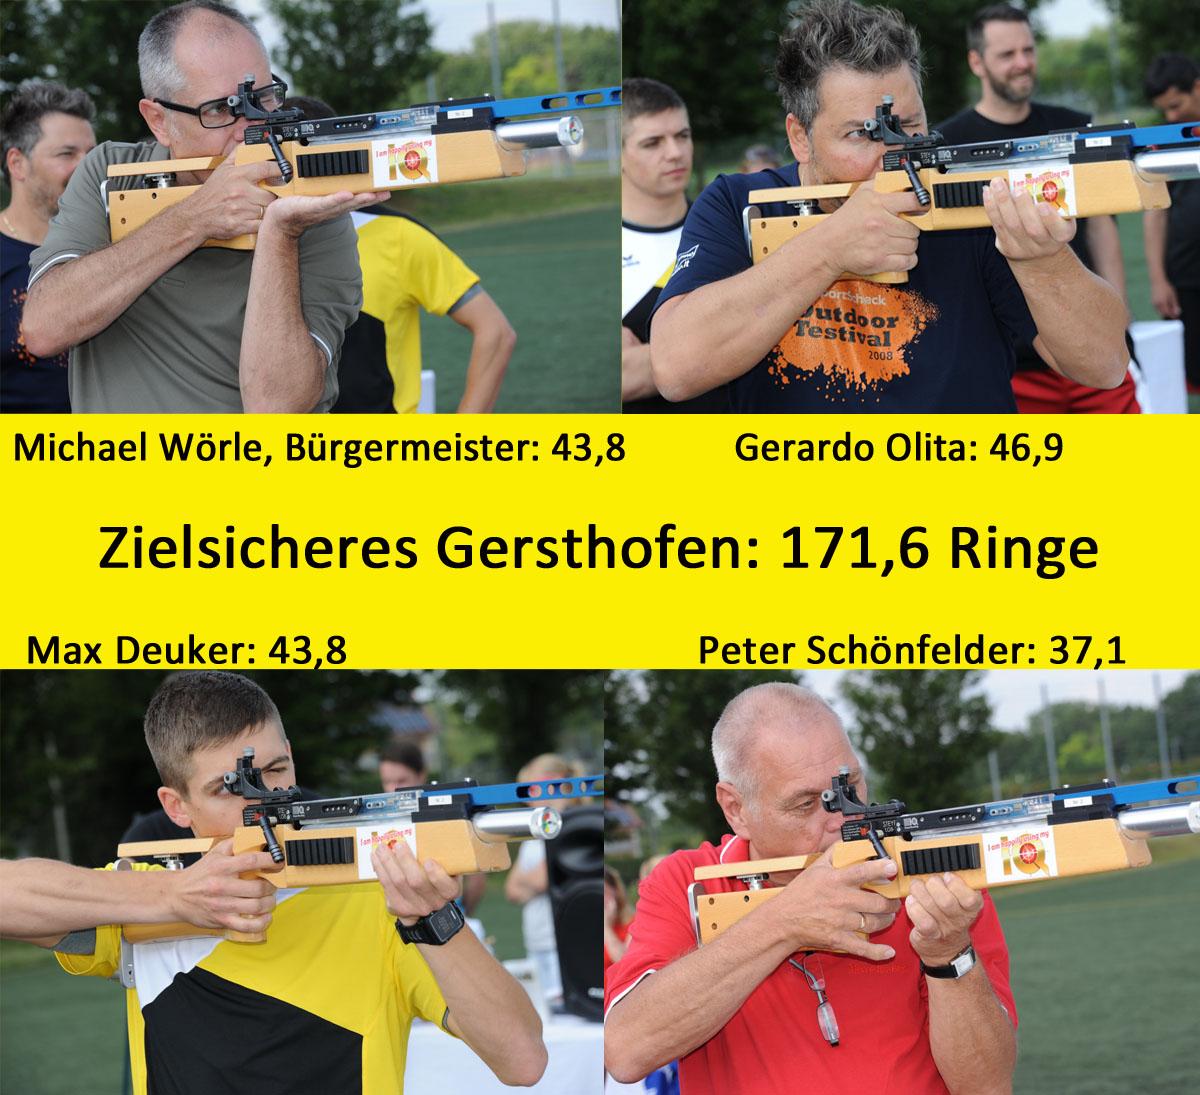 a_Zielsicheres Gersthofen